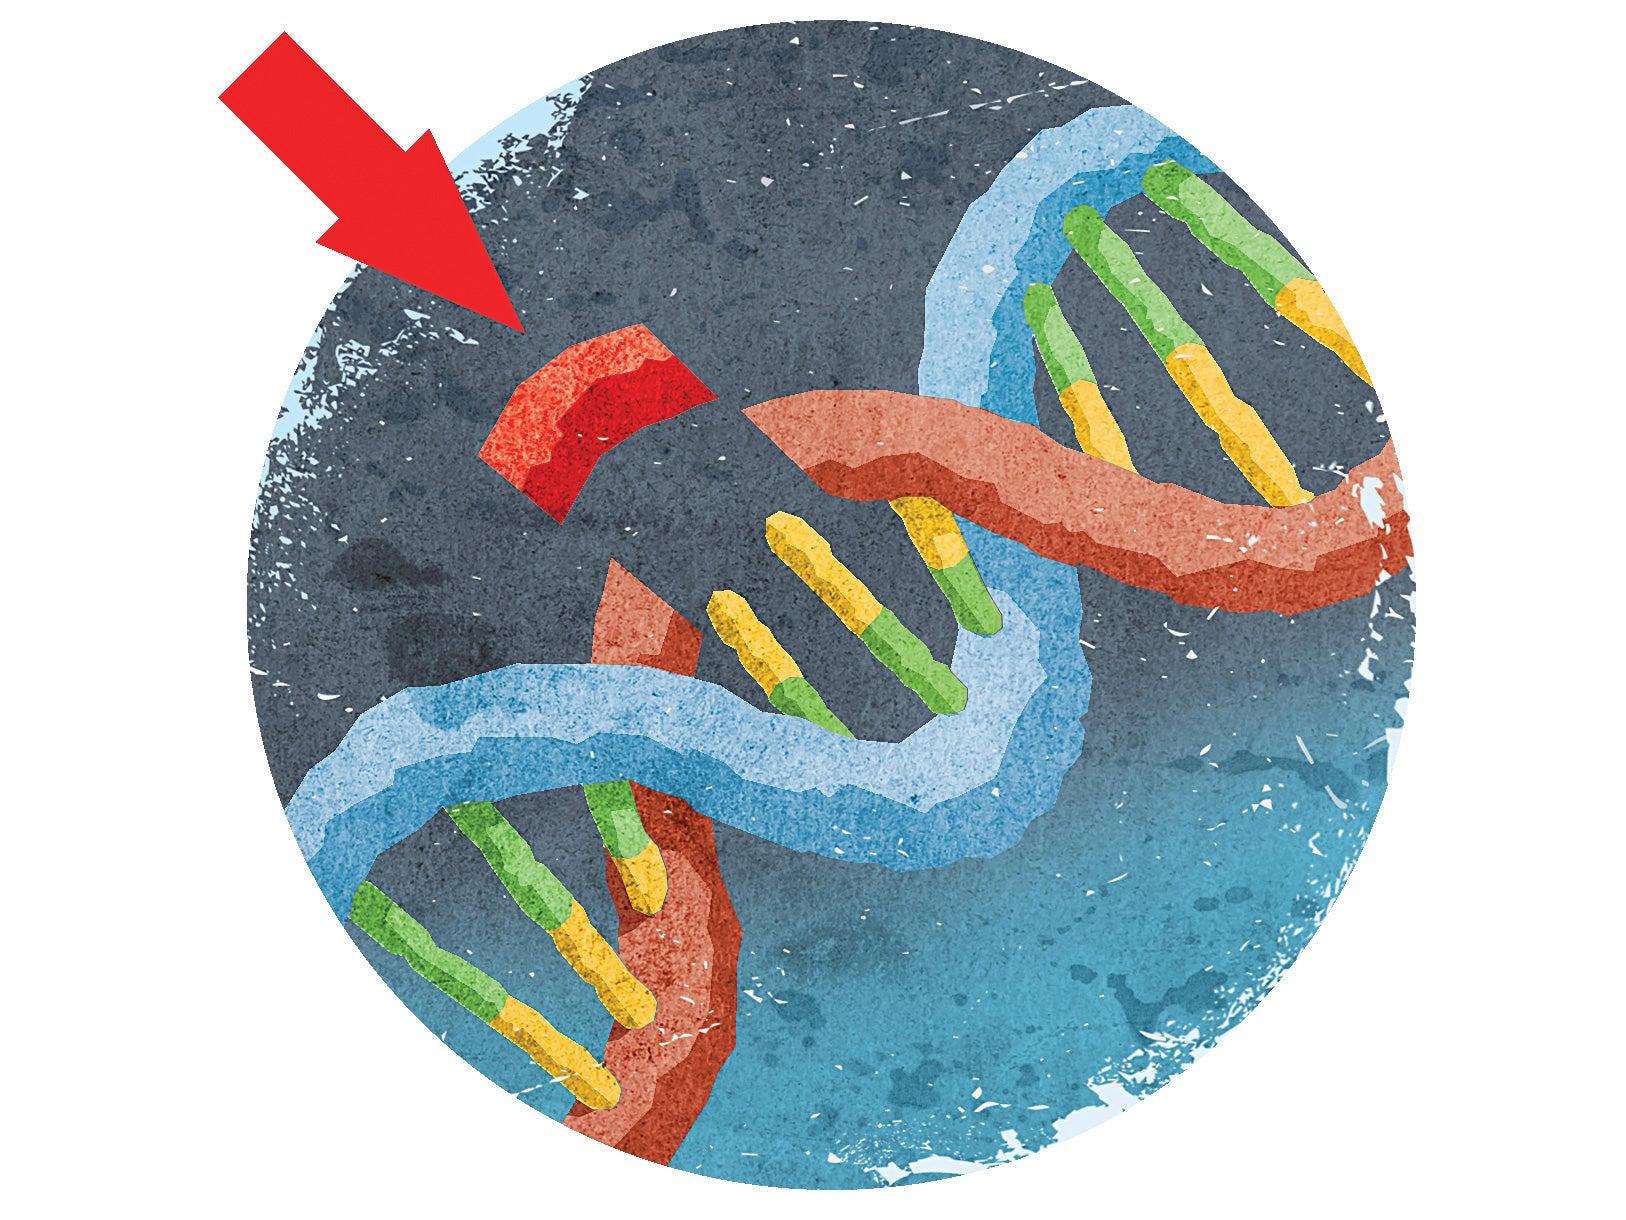 Big Idea: CRISPR Remakes The World